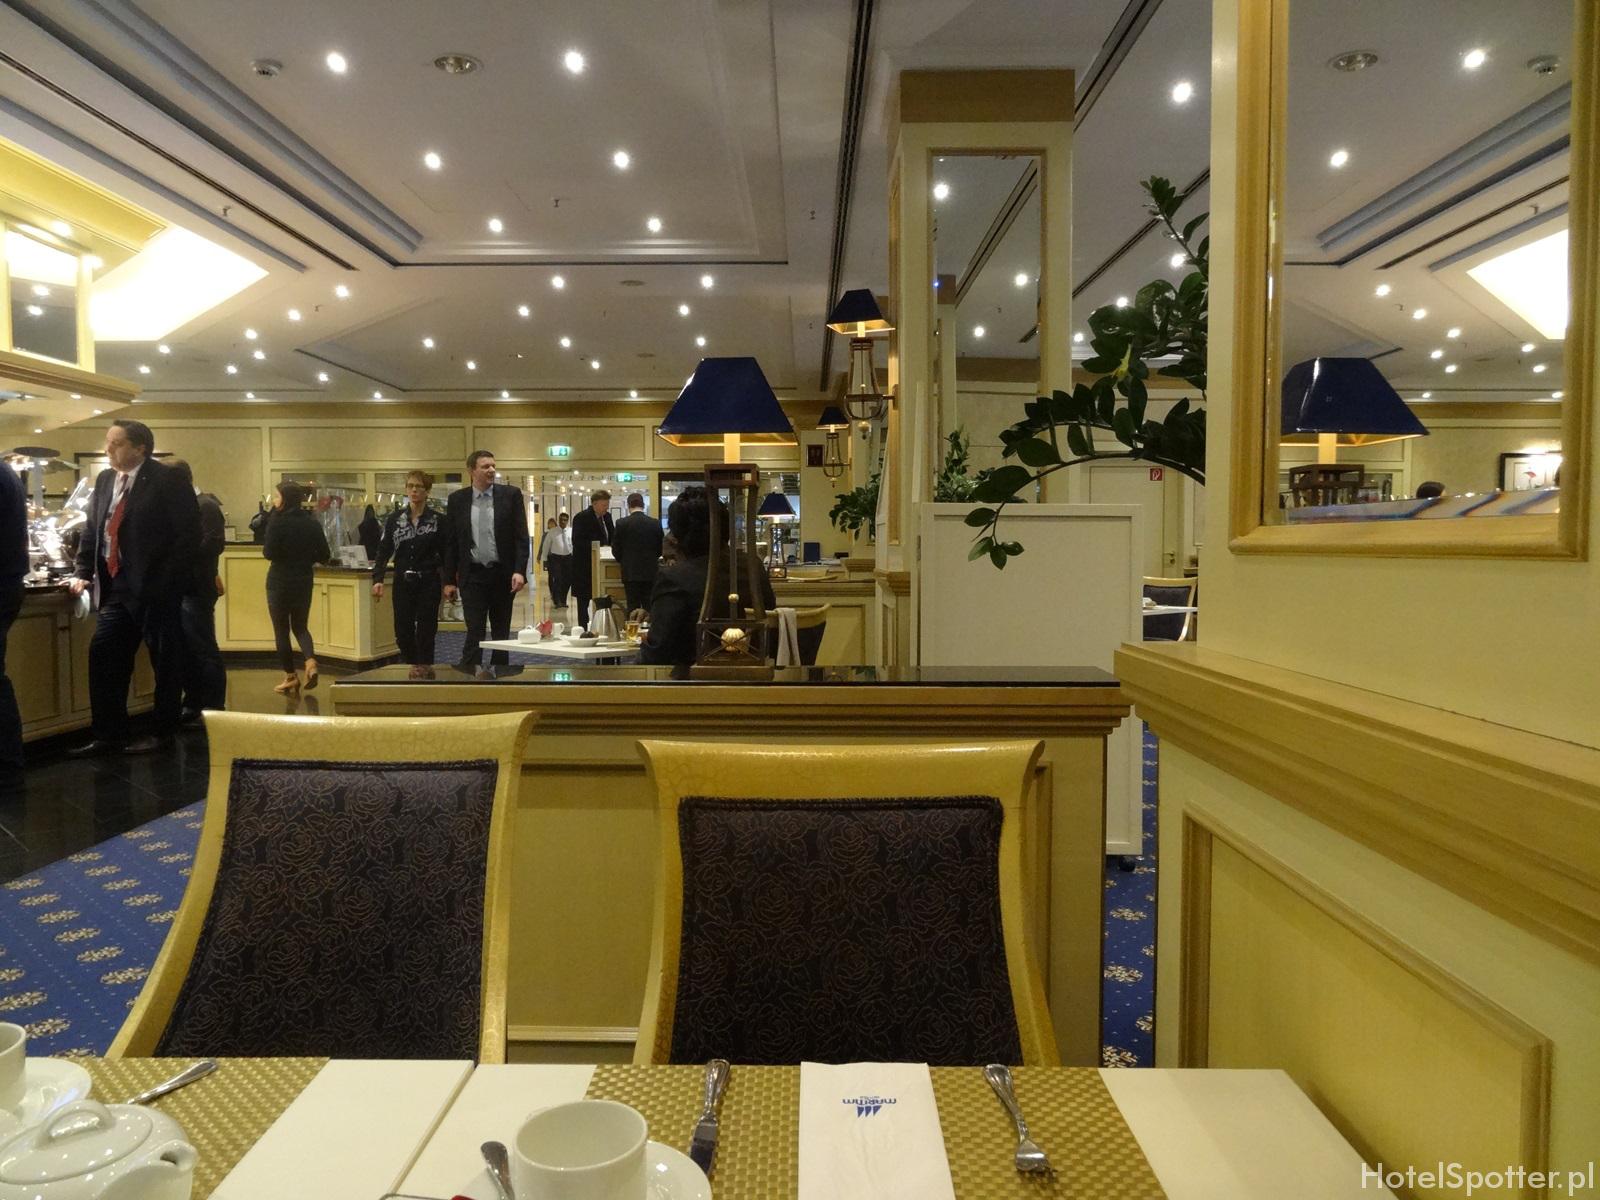 Maritim Hotel Berlin - sniadanie w restauracji breakfast